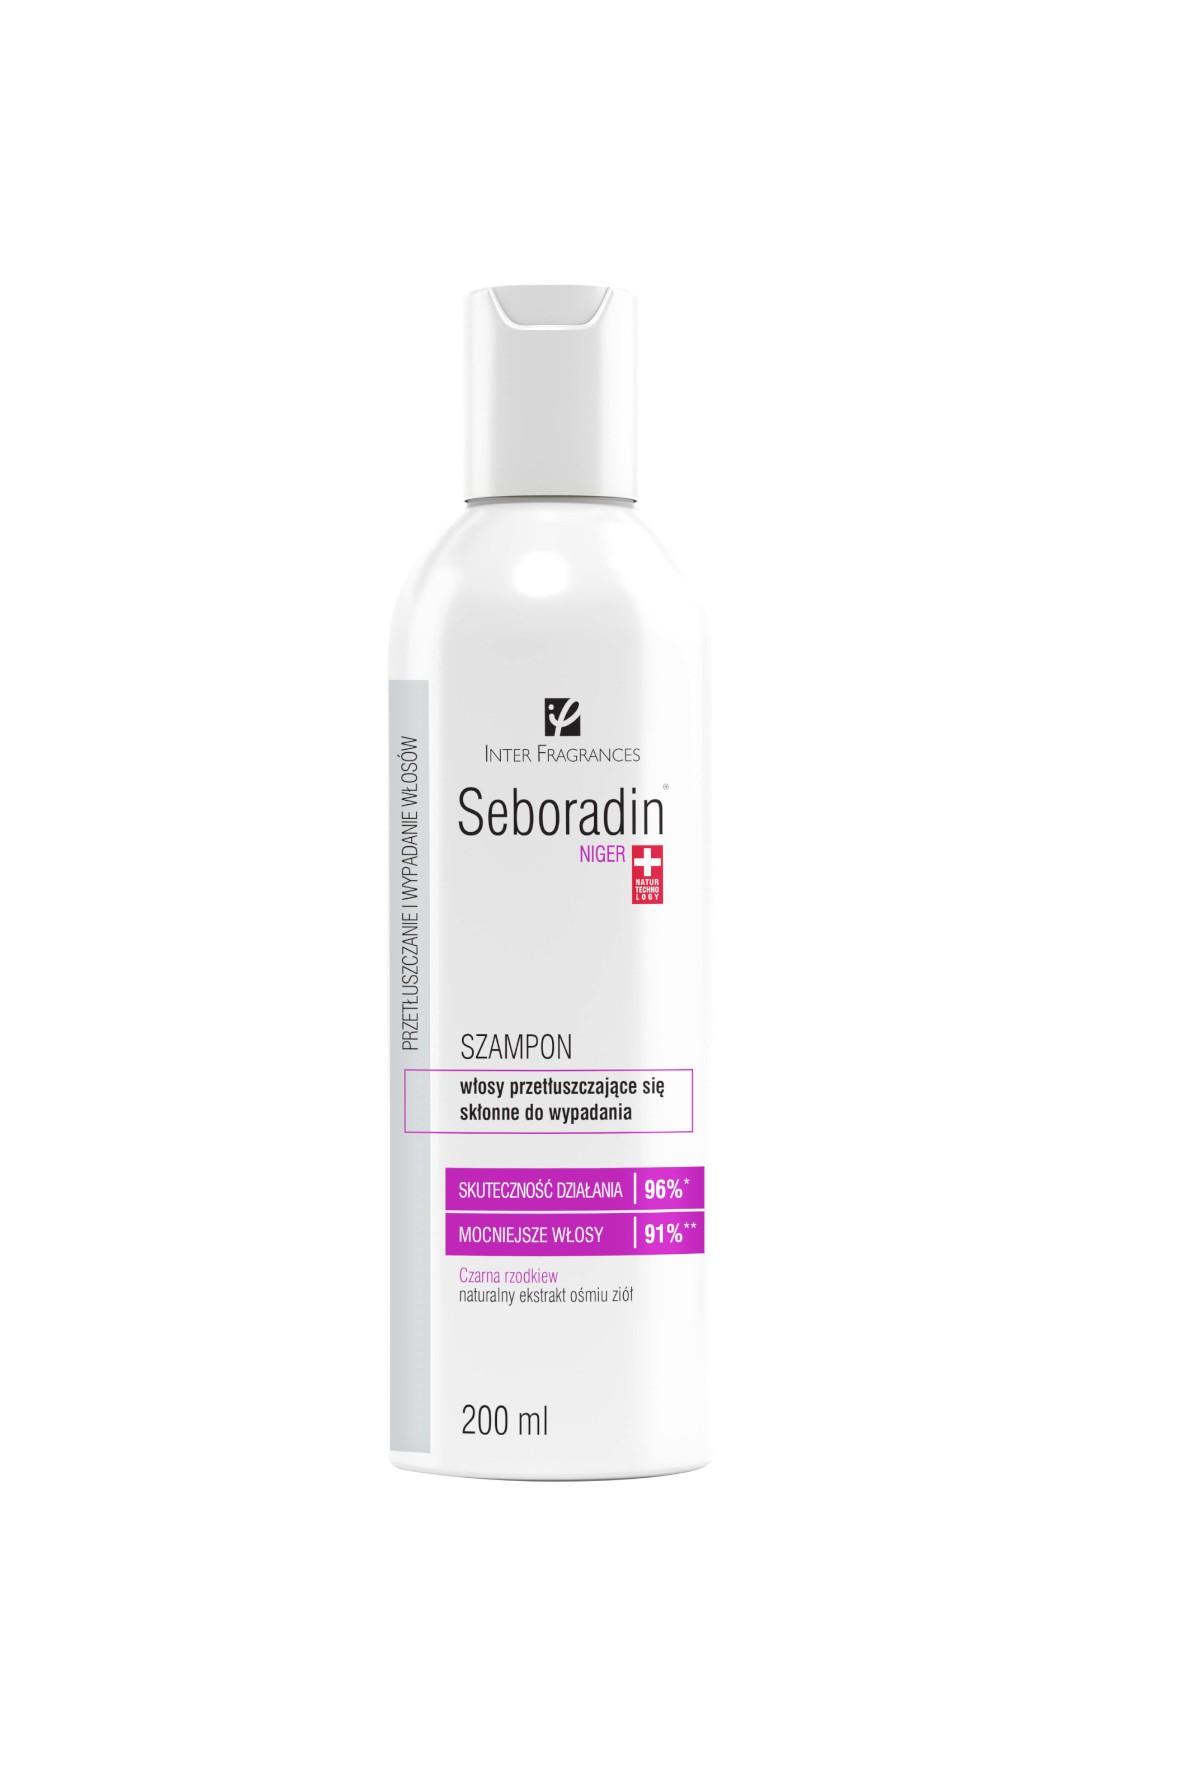 Seboradin Niger szampon włosy przetłuszczające ze skłonnością do wypadania - 200ml